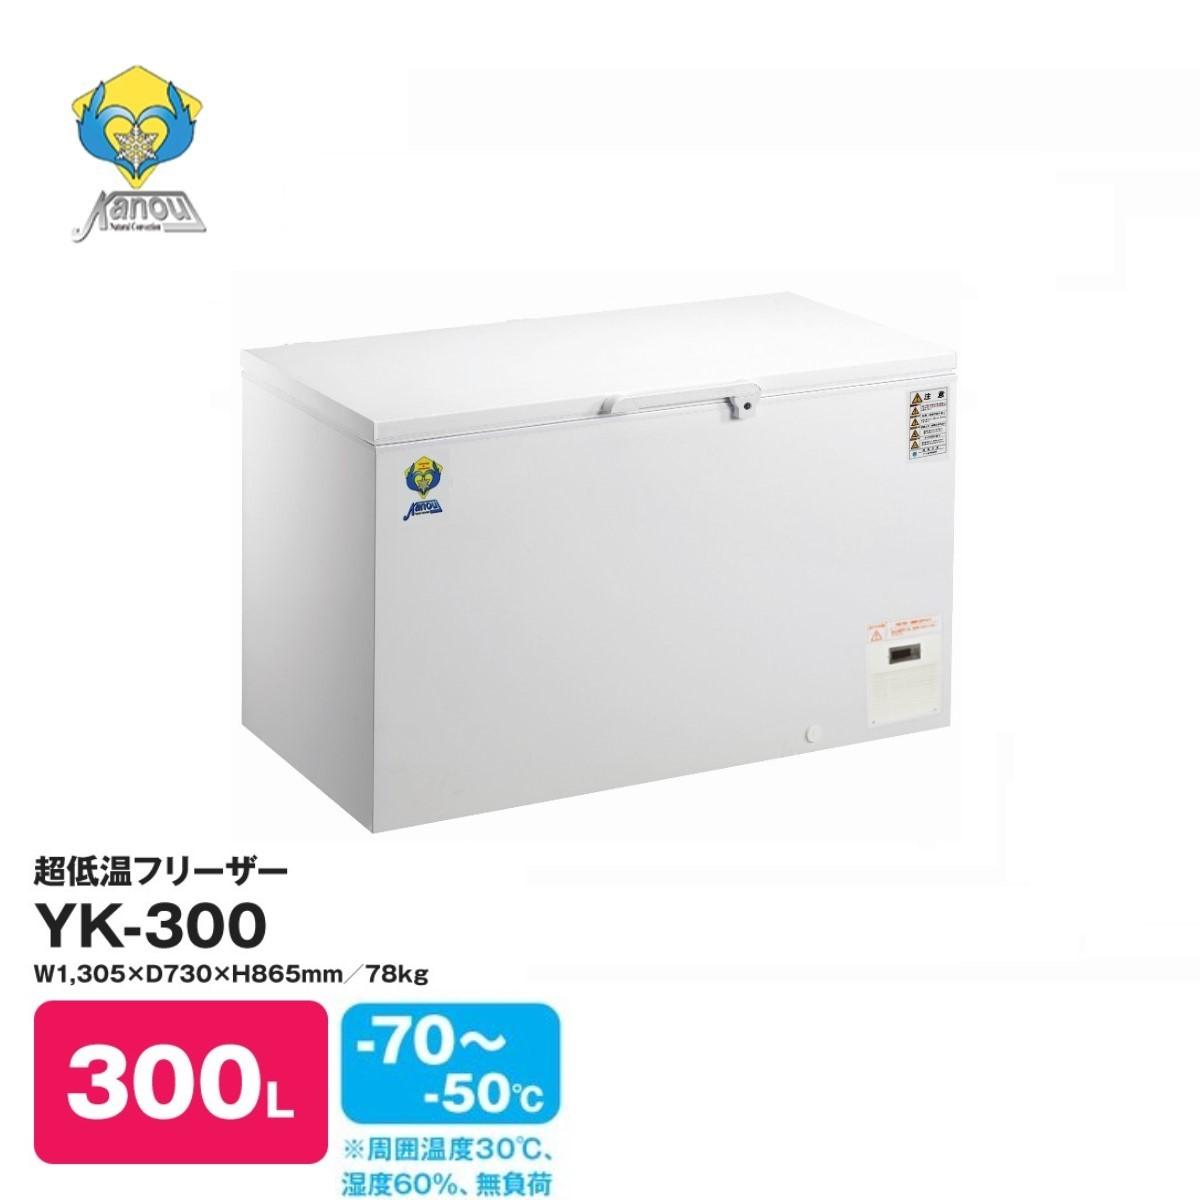 超低温フリーザー YK-300 送料無料